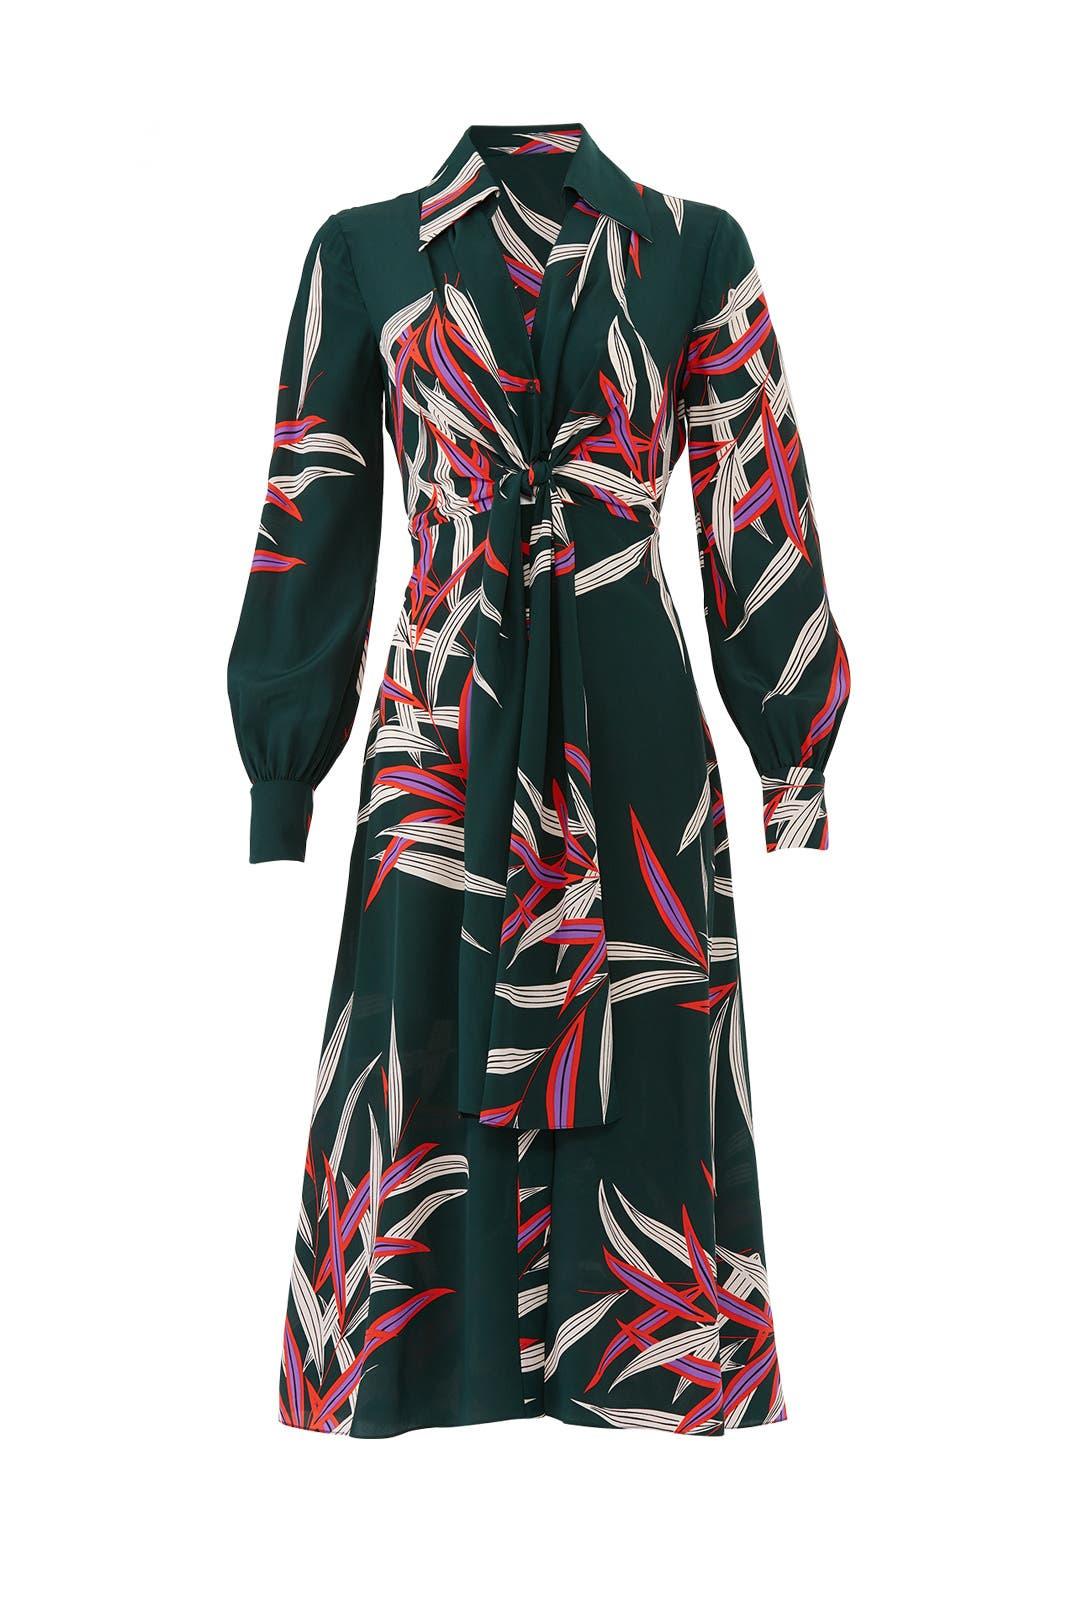 5bad223e2aaff Quincy Von Silk Dress by Diane von Furstenberg for $80 | Rent the Runway